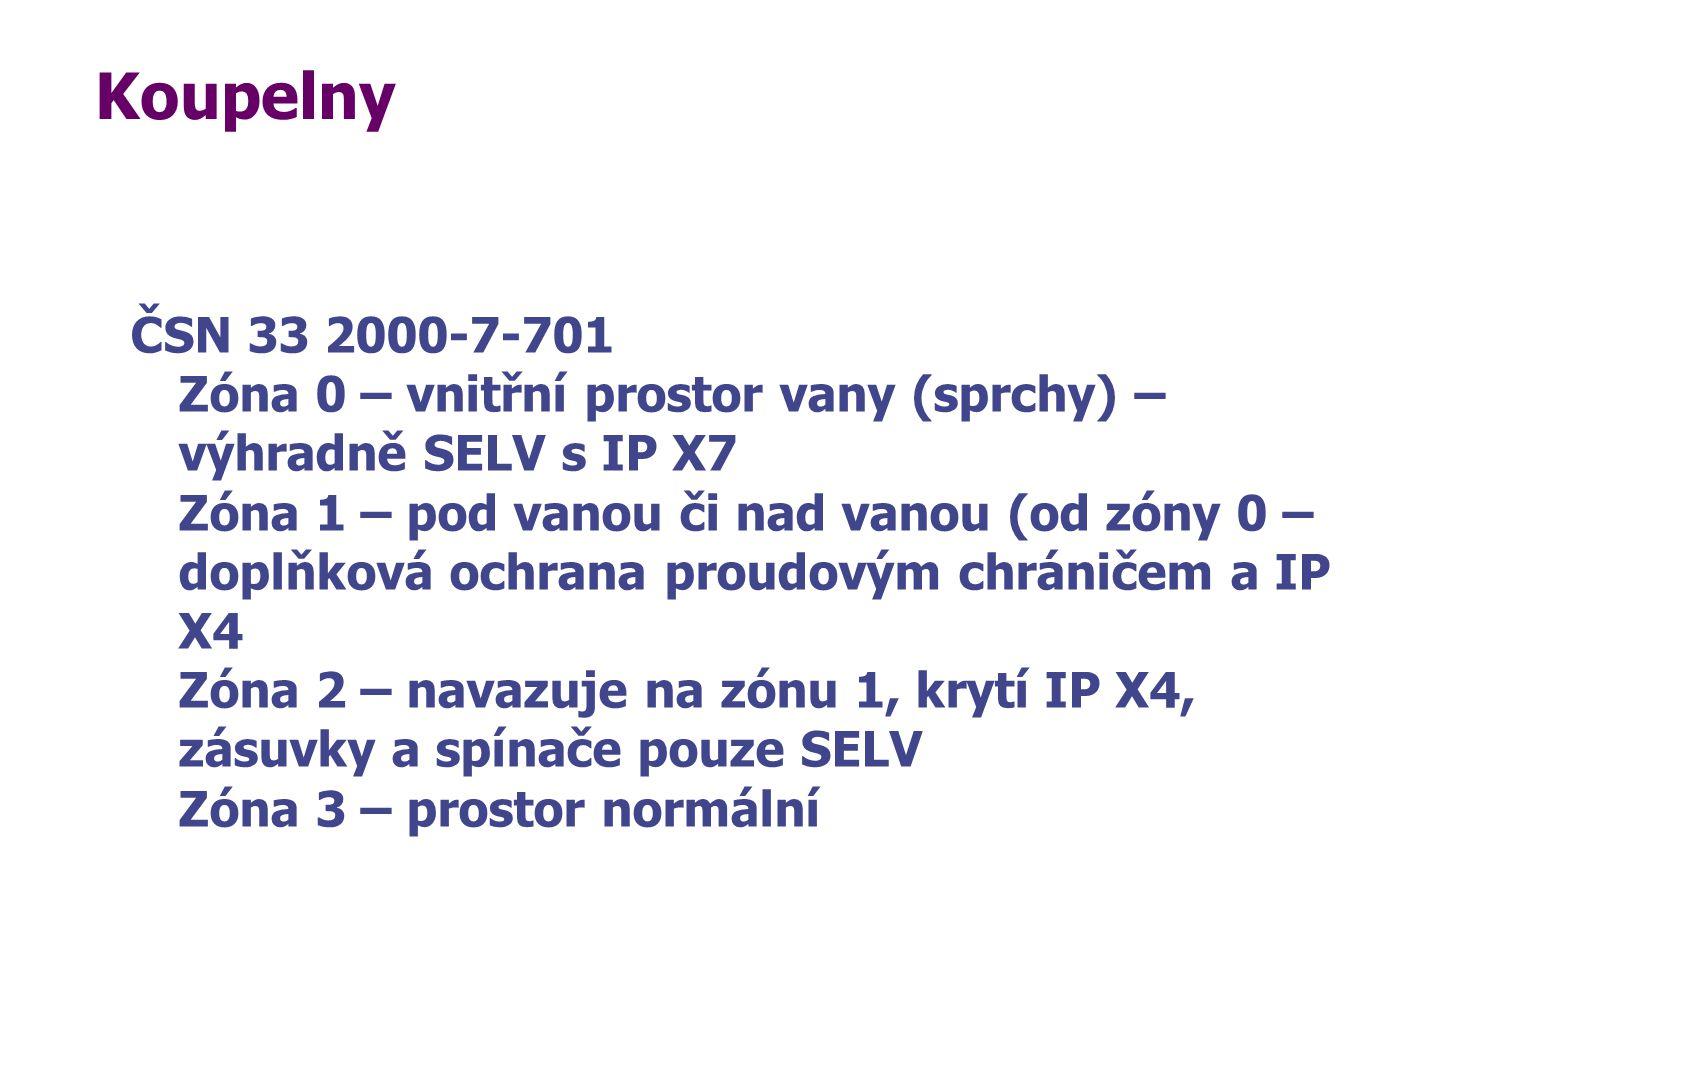 Koupelny ČSN 33 2000-7-701 Zóna 0 – vnitřní prostor vany (sprchy) – výhradně SELV s IP X7 Zóna 1 – pod vanou či nad vanou (od zóny 0 – doplňková ochra